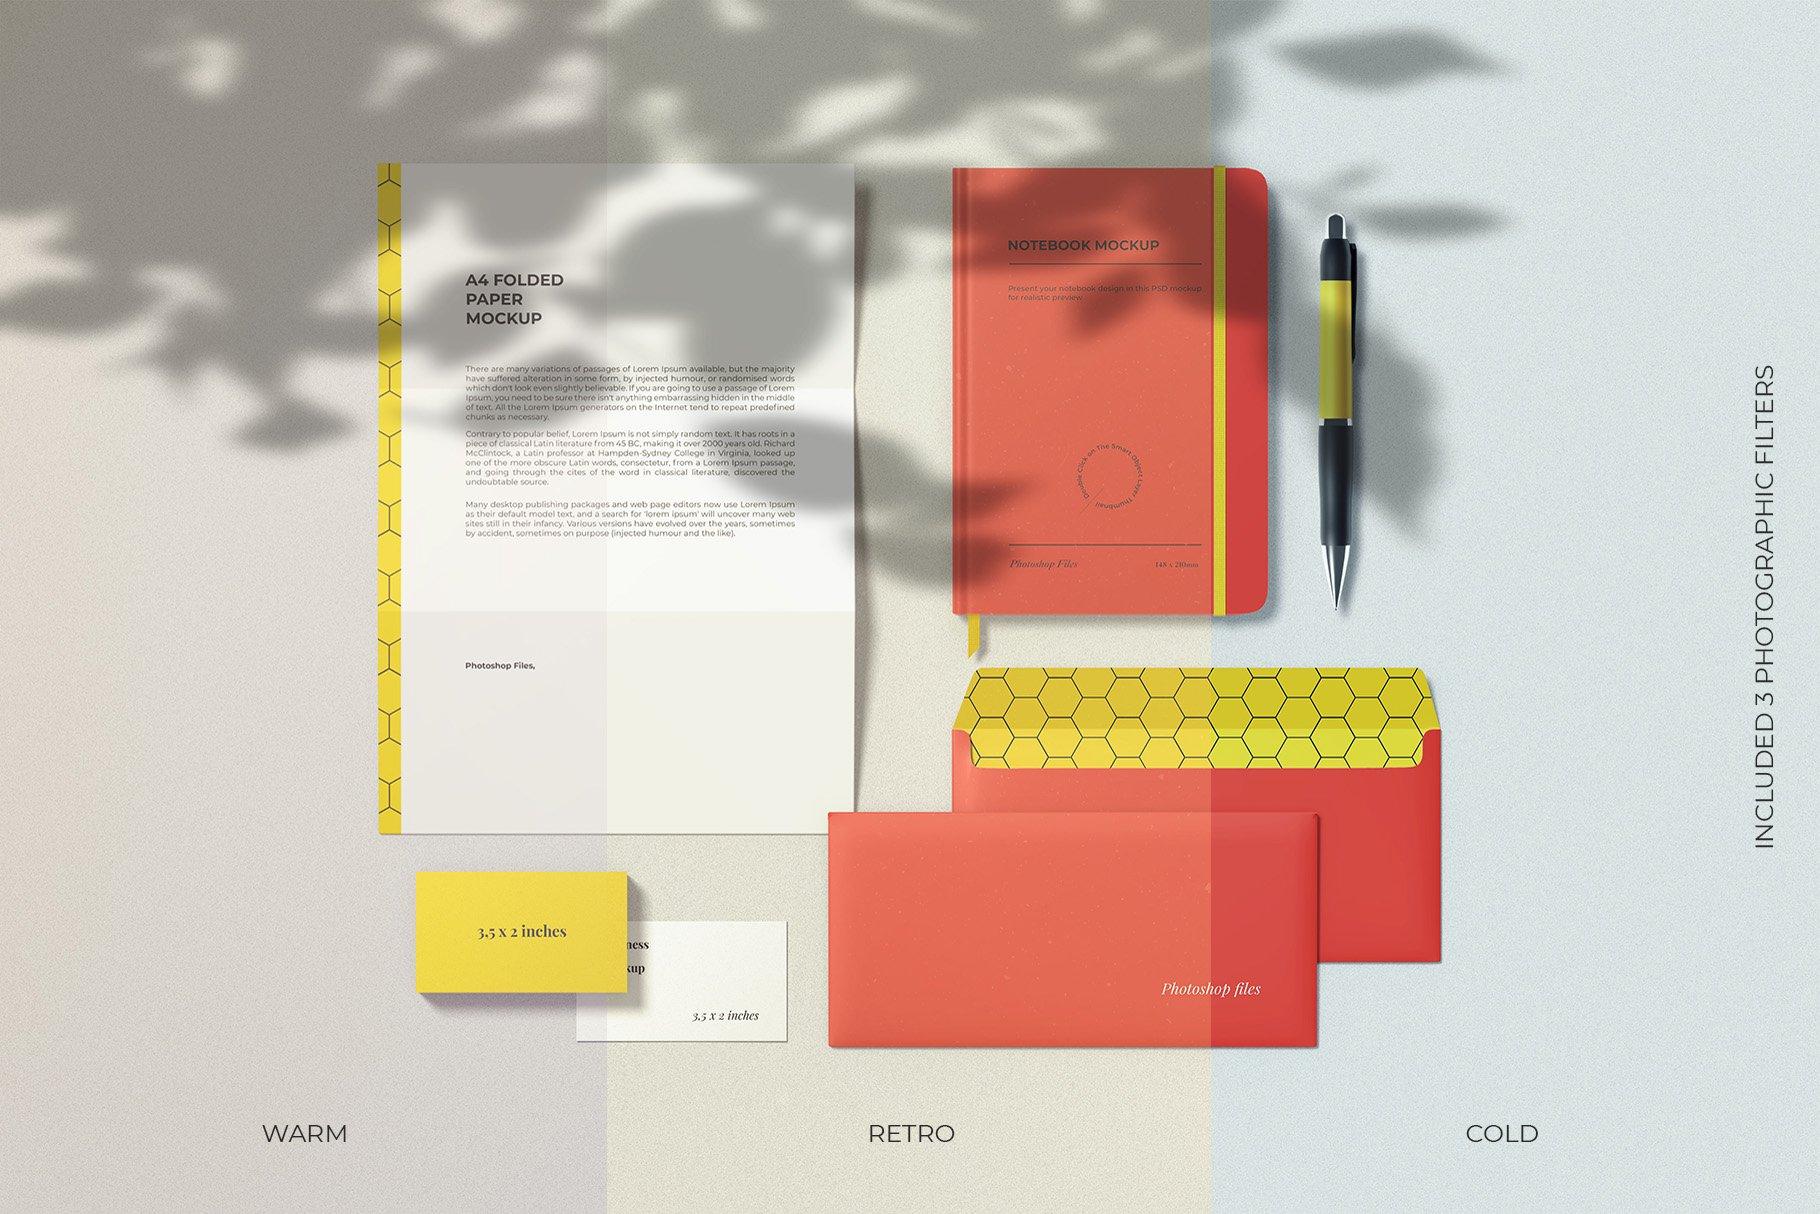 12个时尚简约品牌Logo设计办公用品展示贴图样机模板套装 Branding Mockup Scene Creator插图17